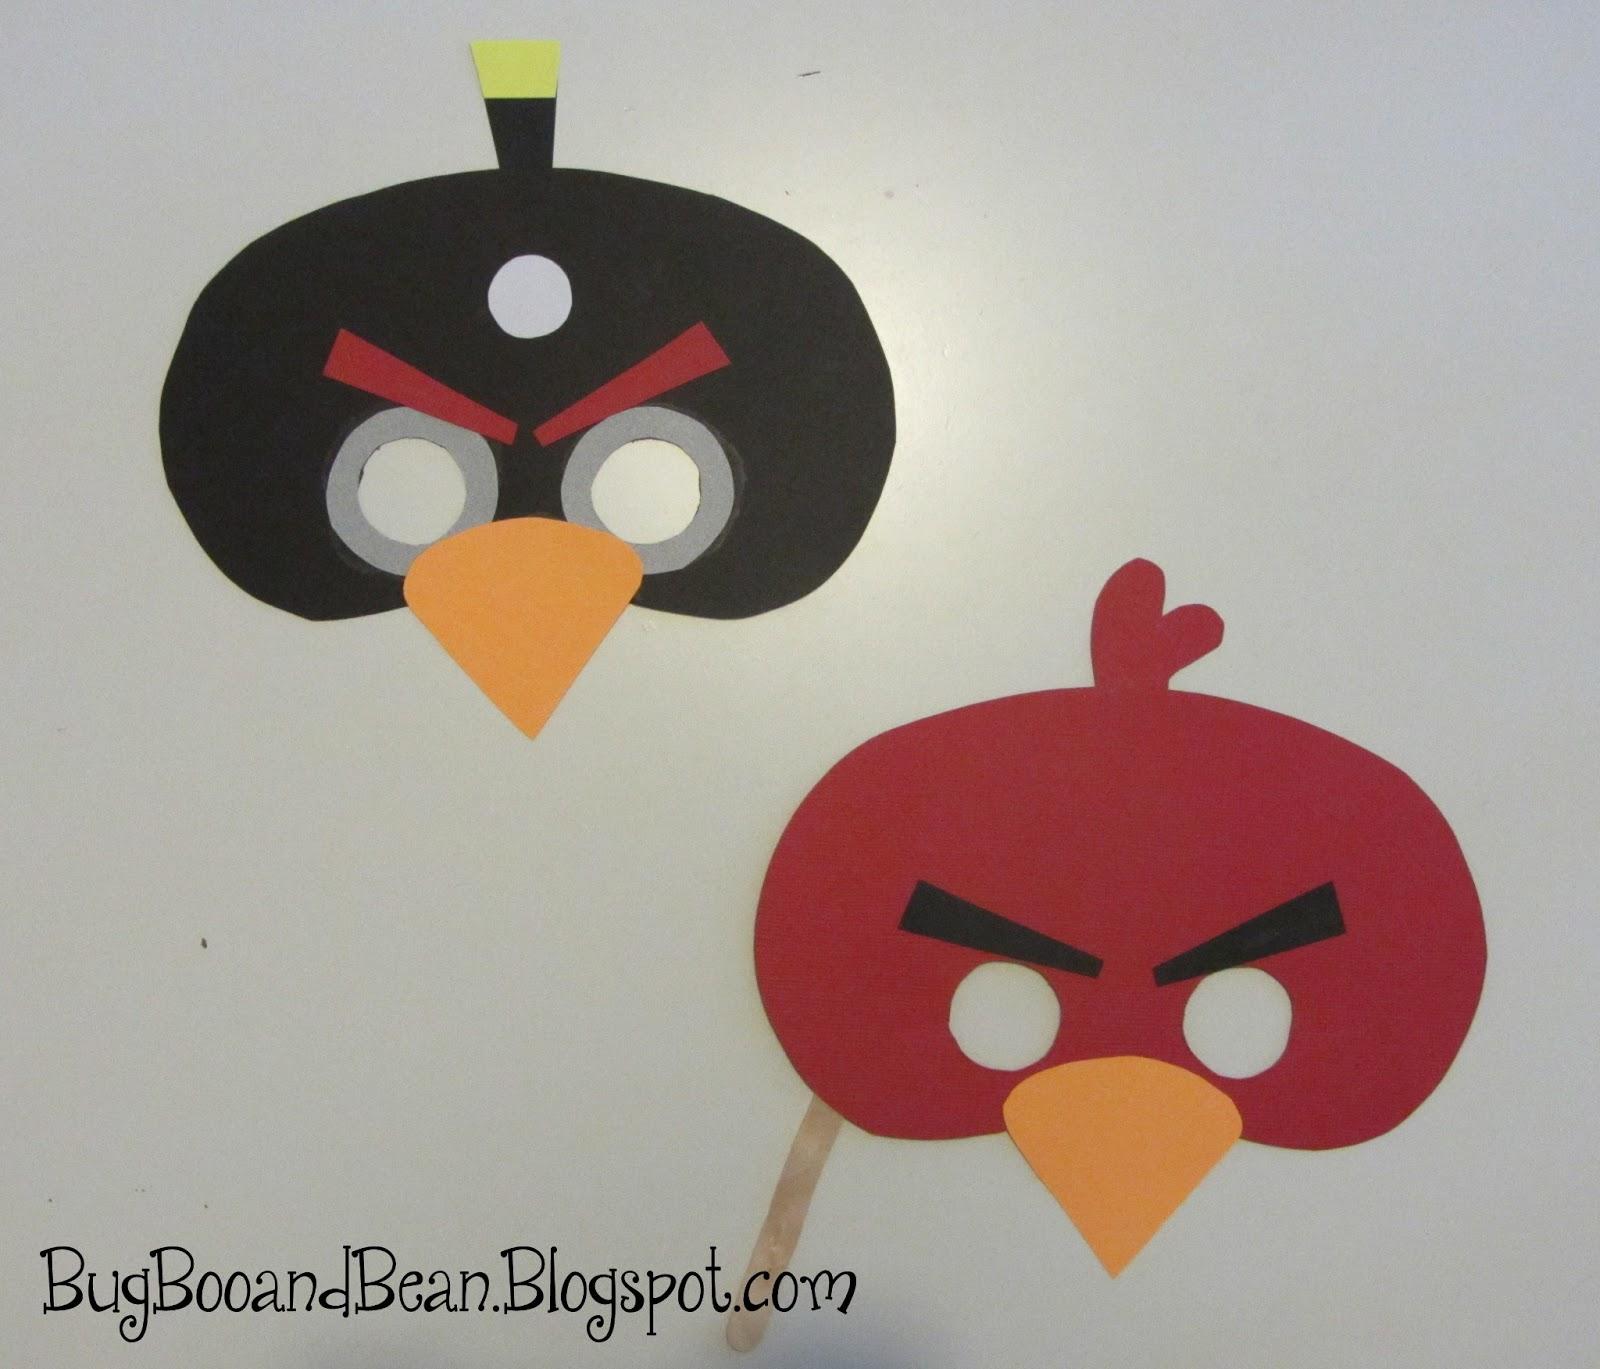 Как сделать angry birds из бумаги своими руками? 61